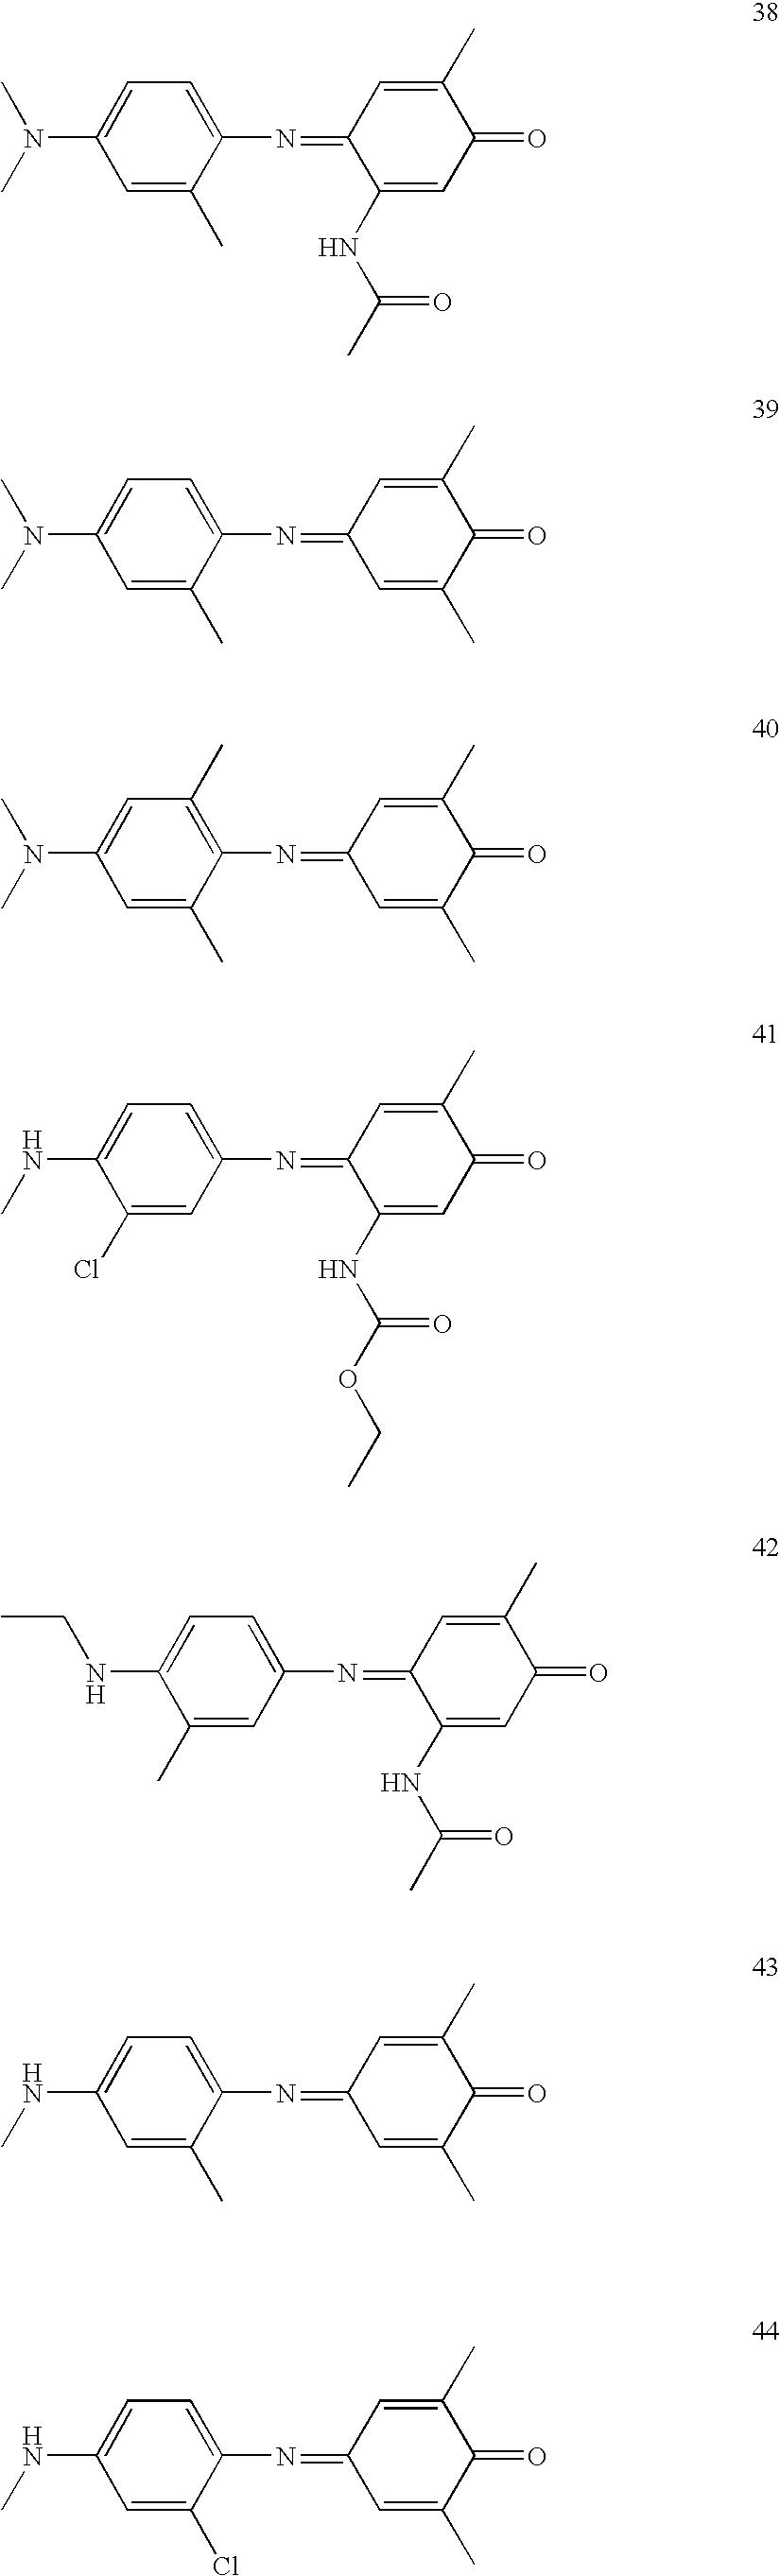 Figure US07645304-20100112-C00019